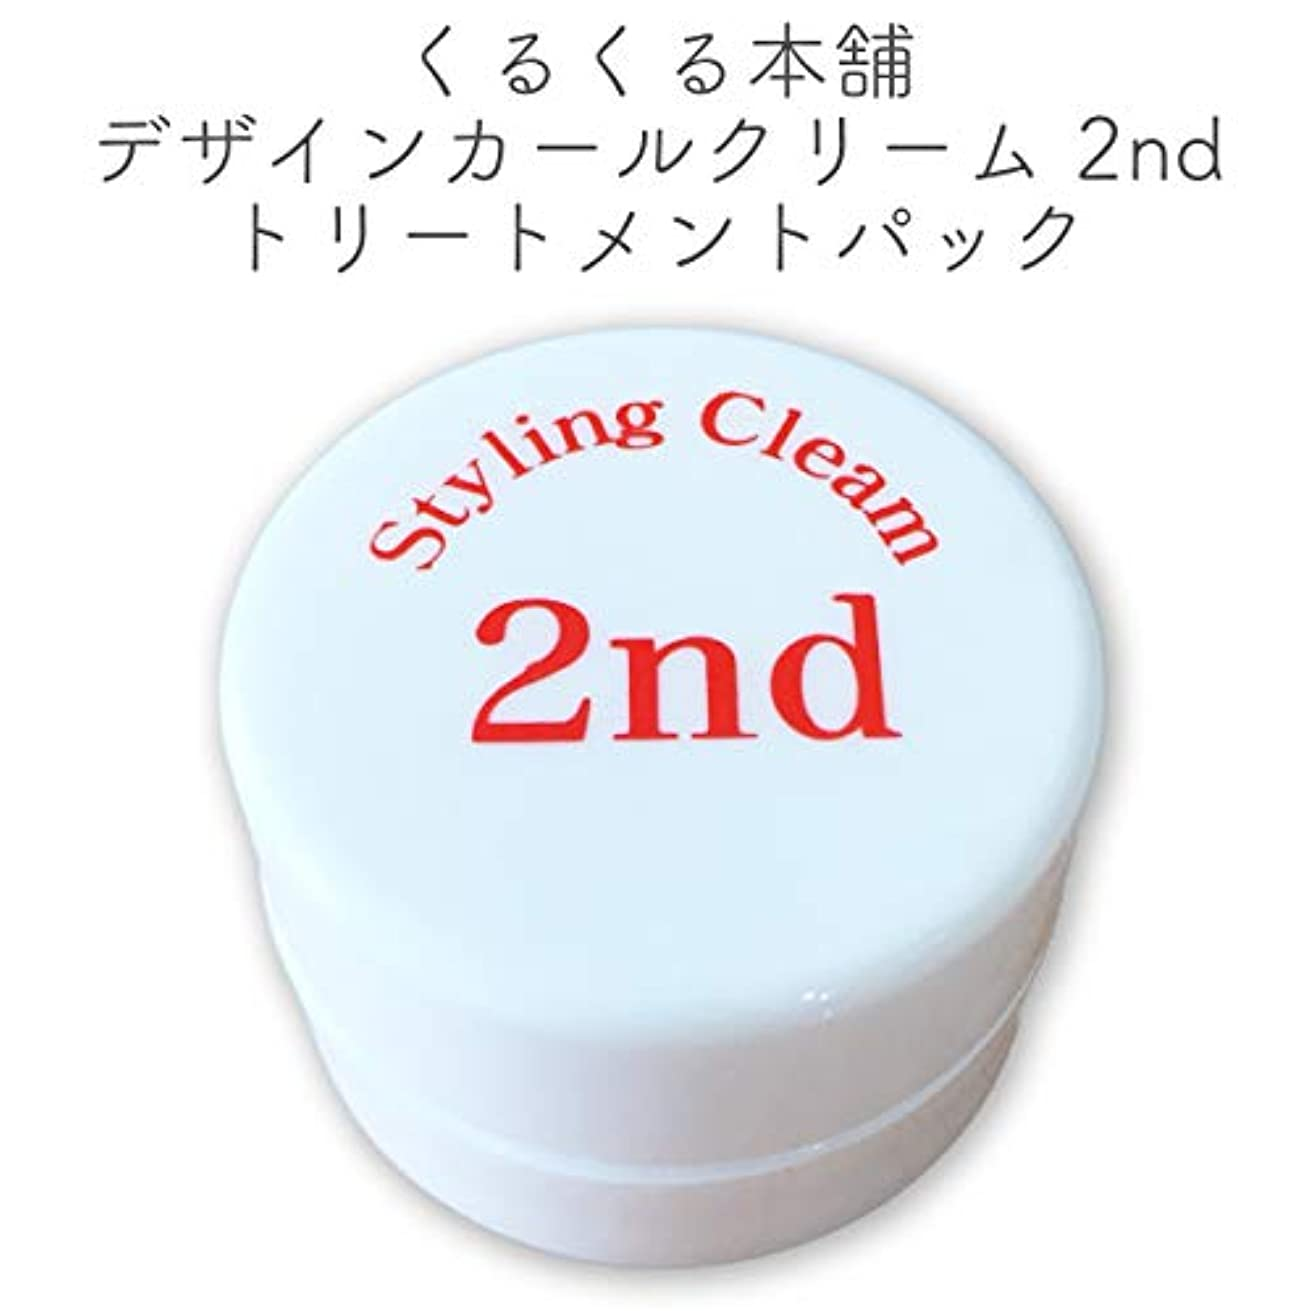 プログラム指紋純度くるくる本舗 デザインカールクリーム 2nd スタイリングクリーム